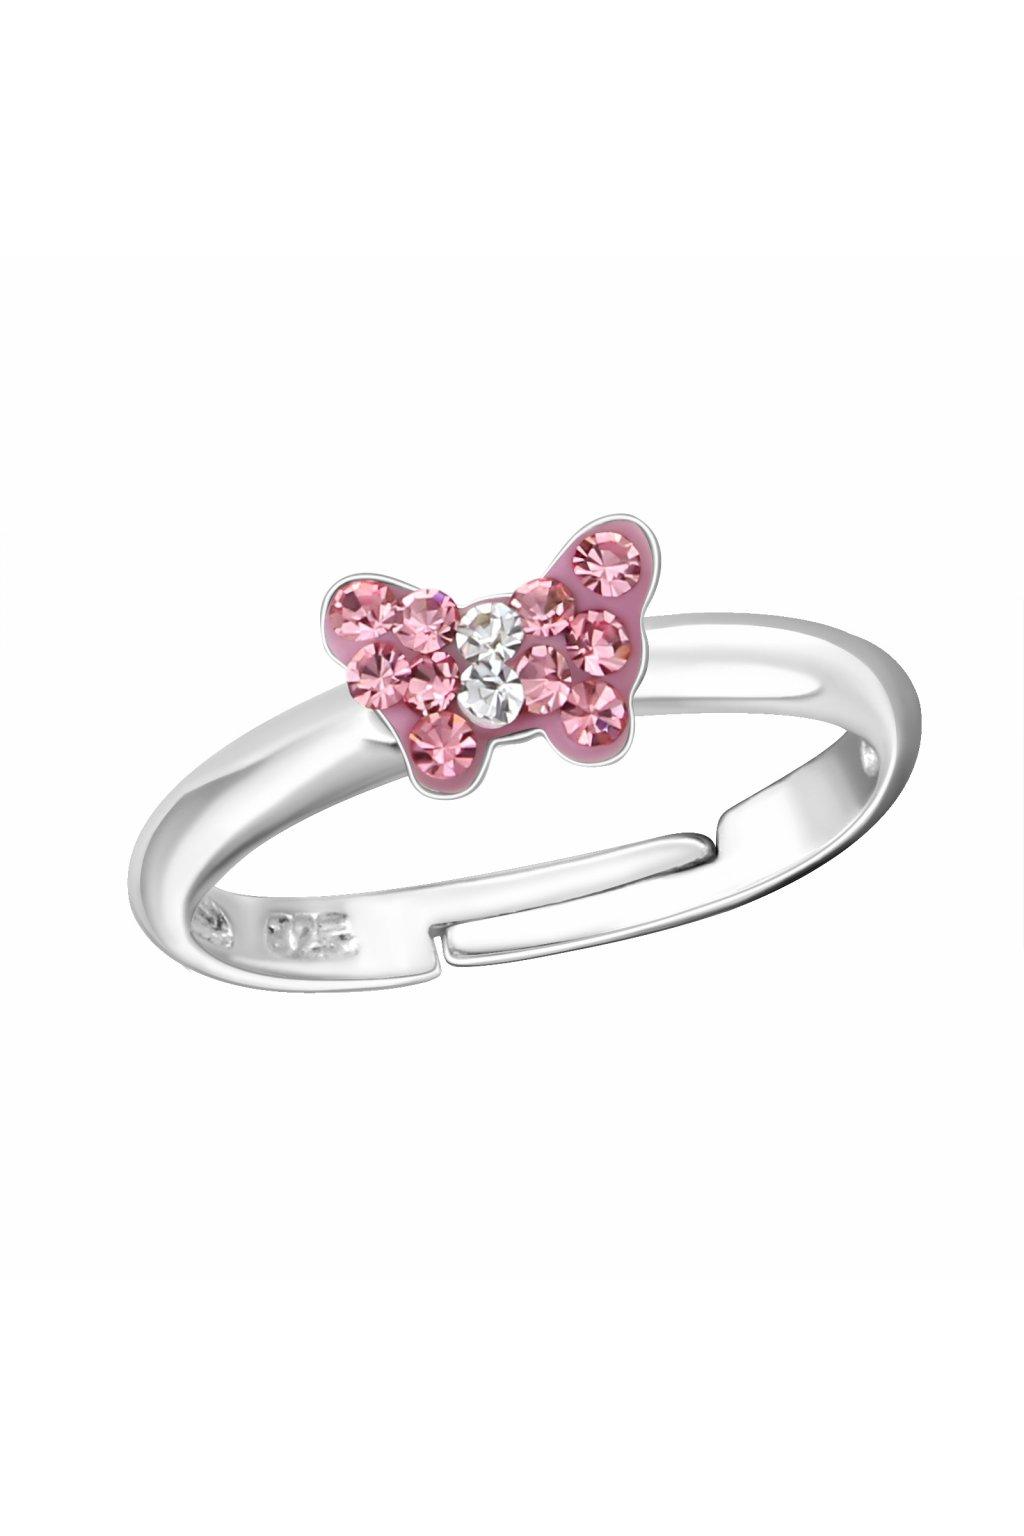 Stříbrný dětský prstýnek růžový motýlek s kamínky